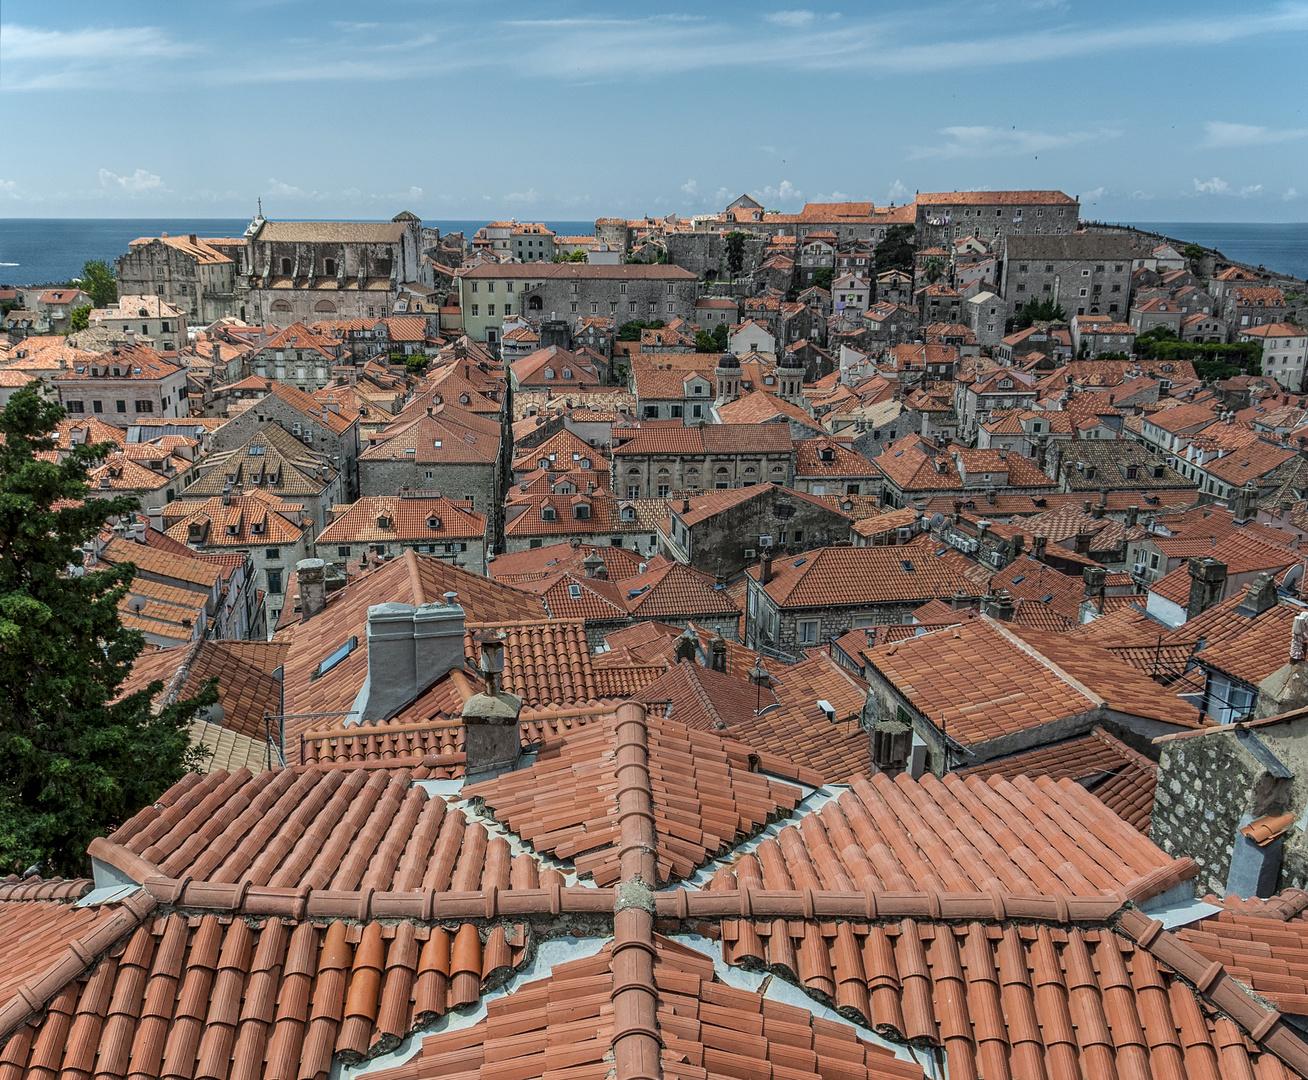 Blick über die Dächer von Dubrovnik